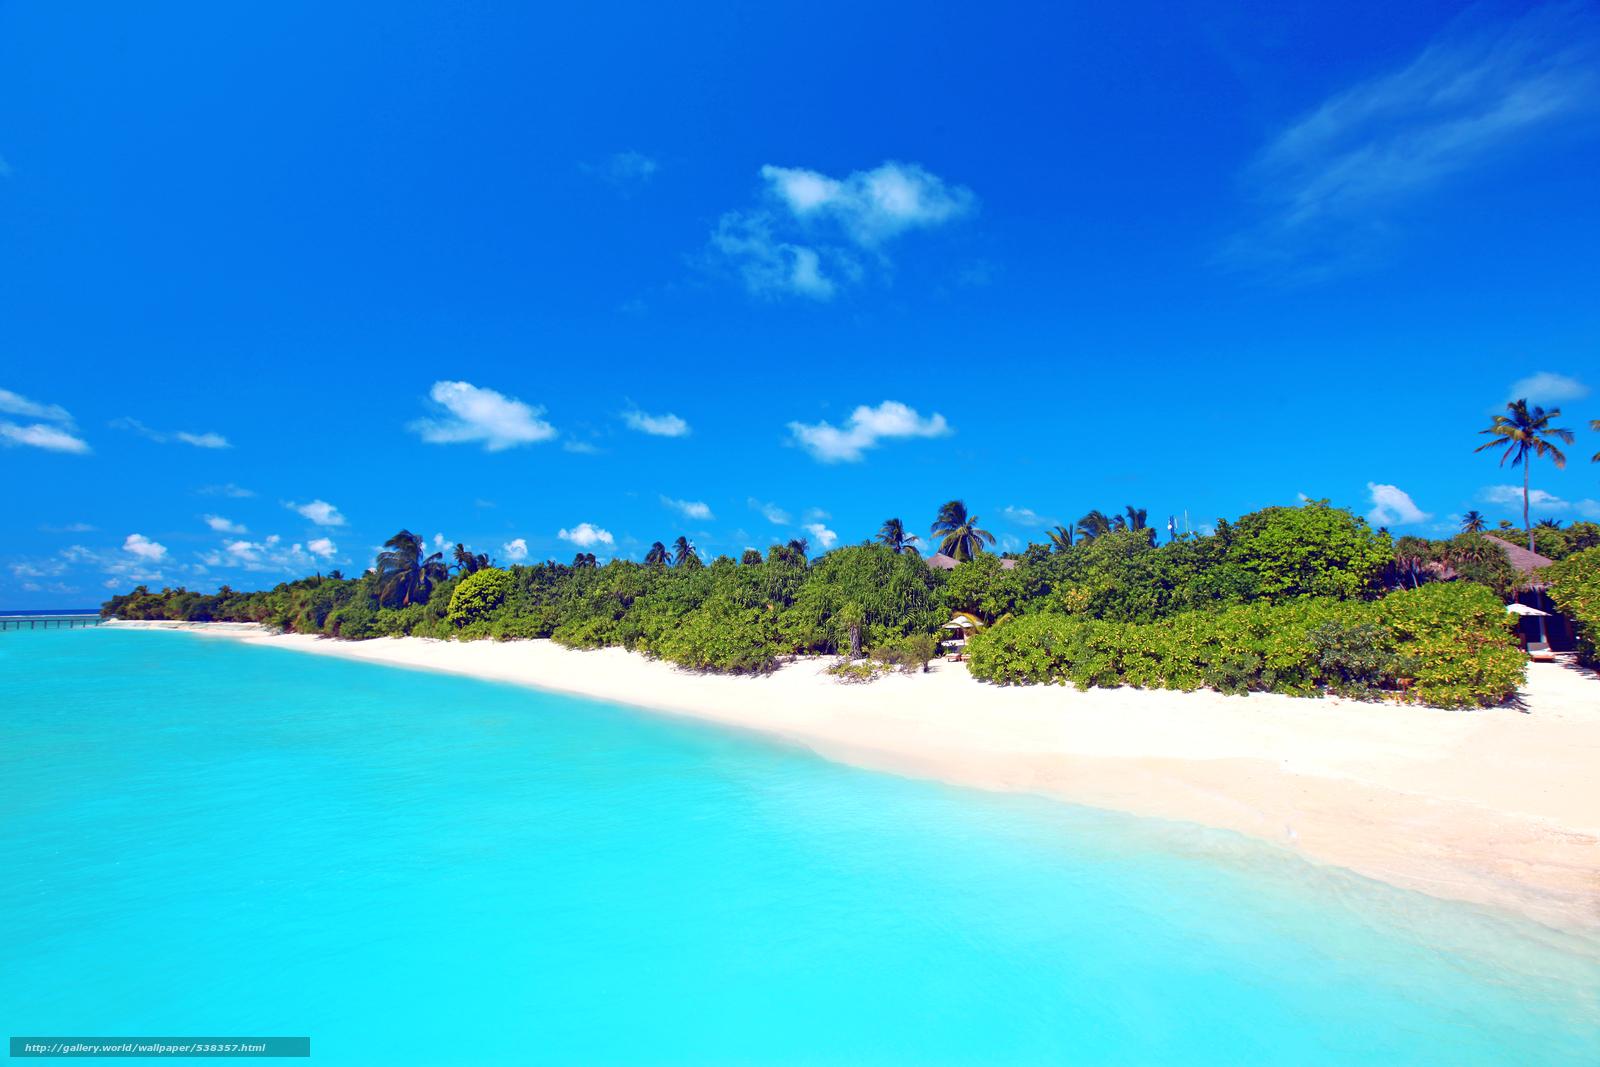 Scaricare gli sfondi tropici mare spiaggia sfondi gratis for Foto per desktop gratis mare